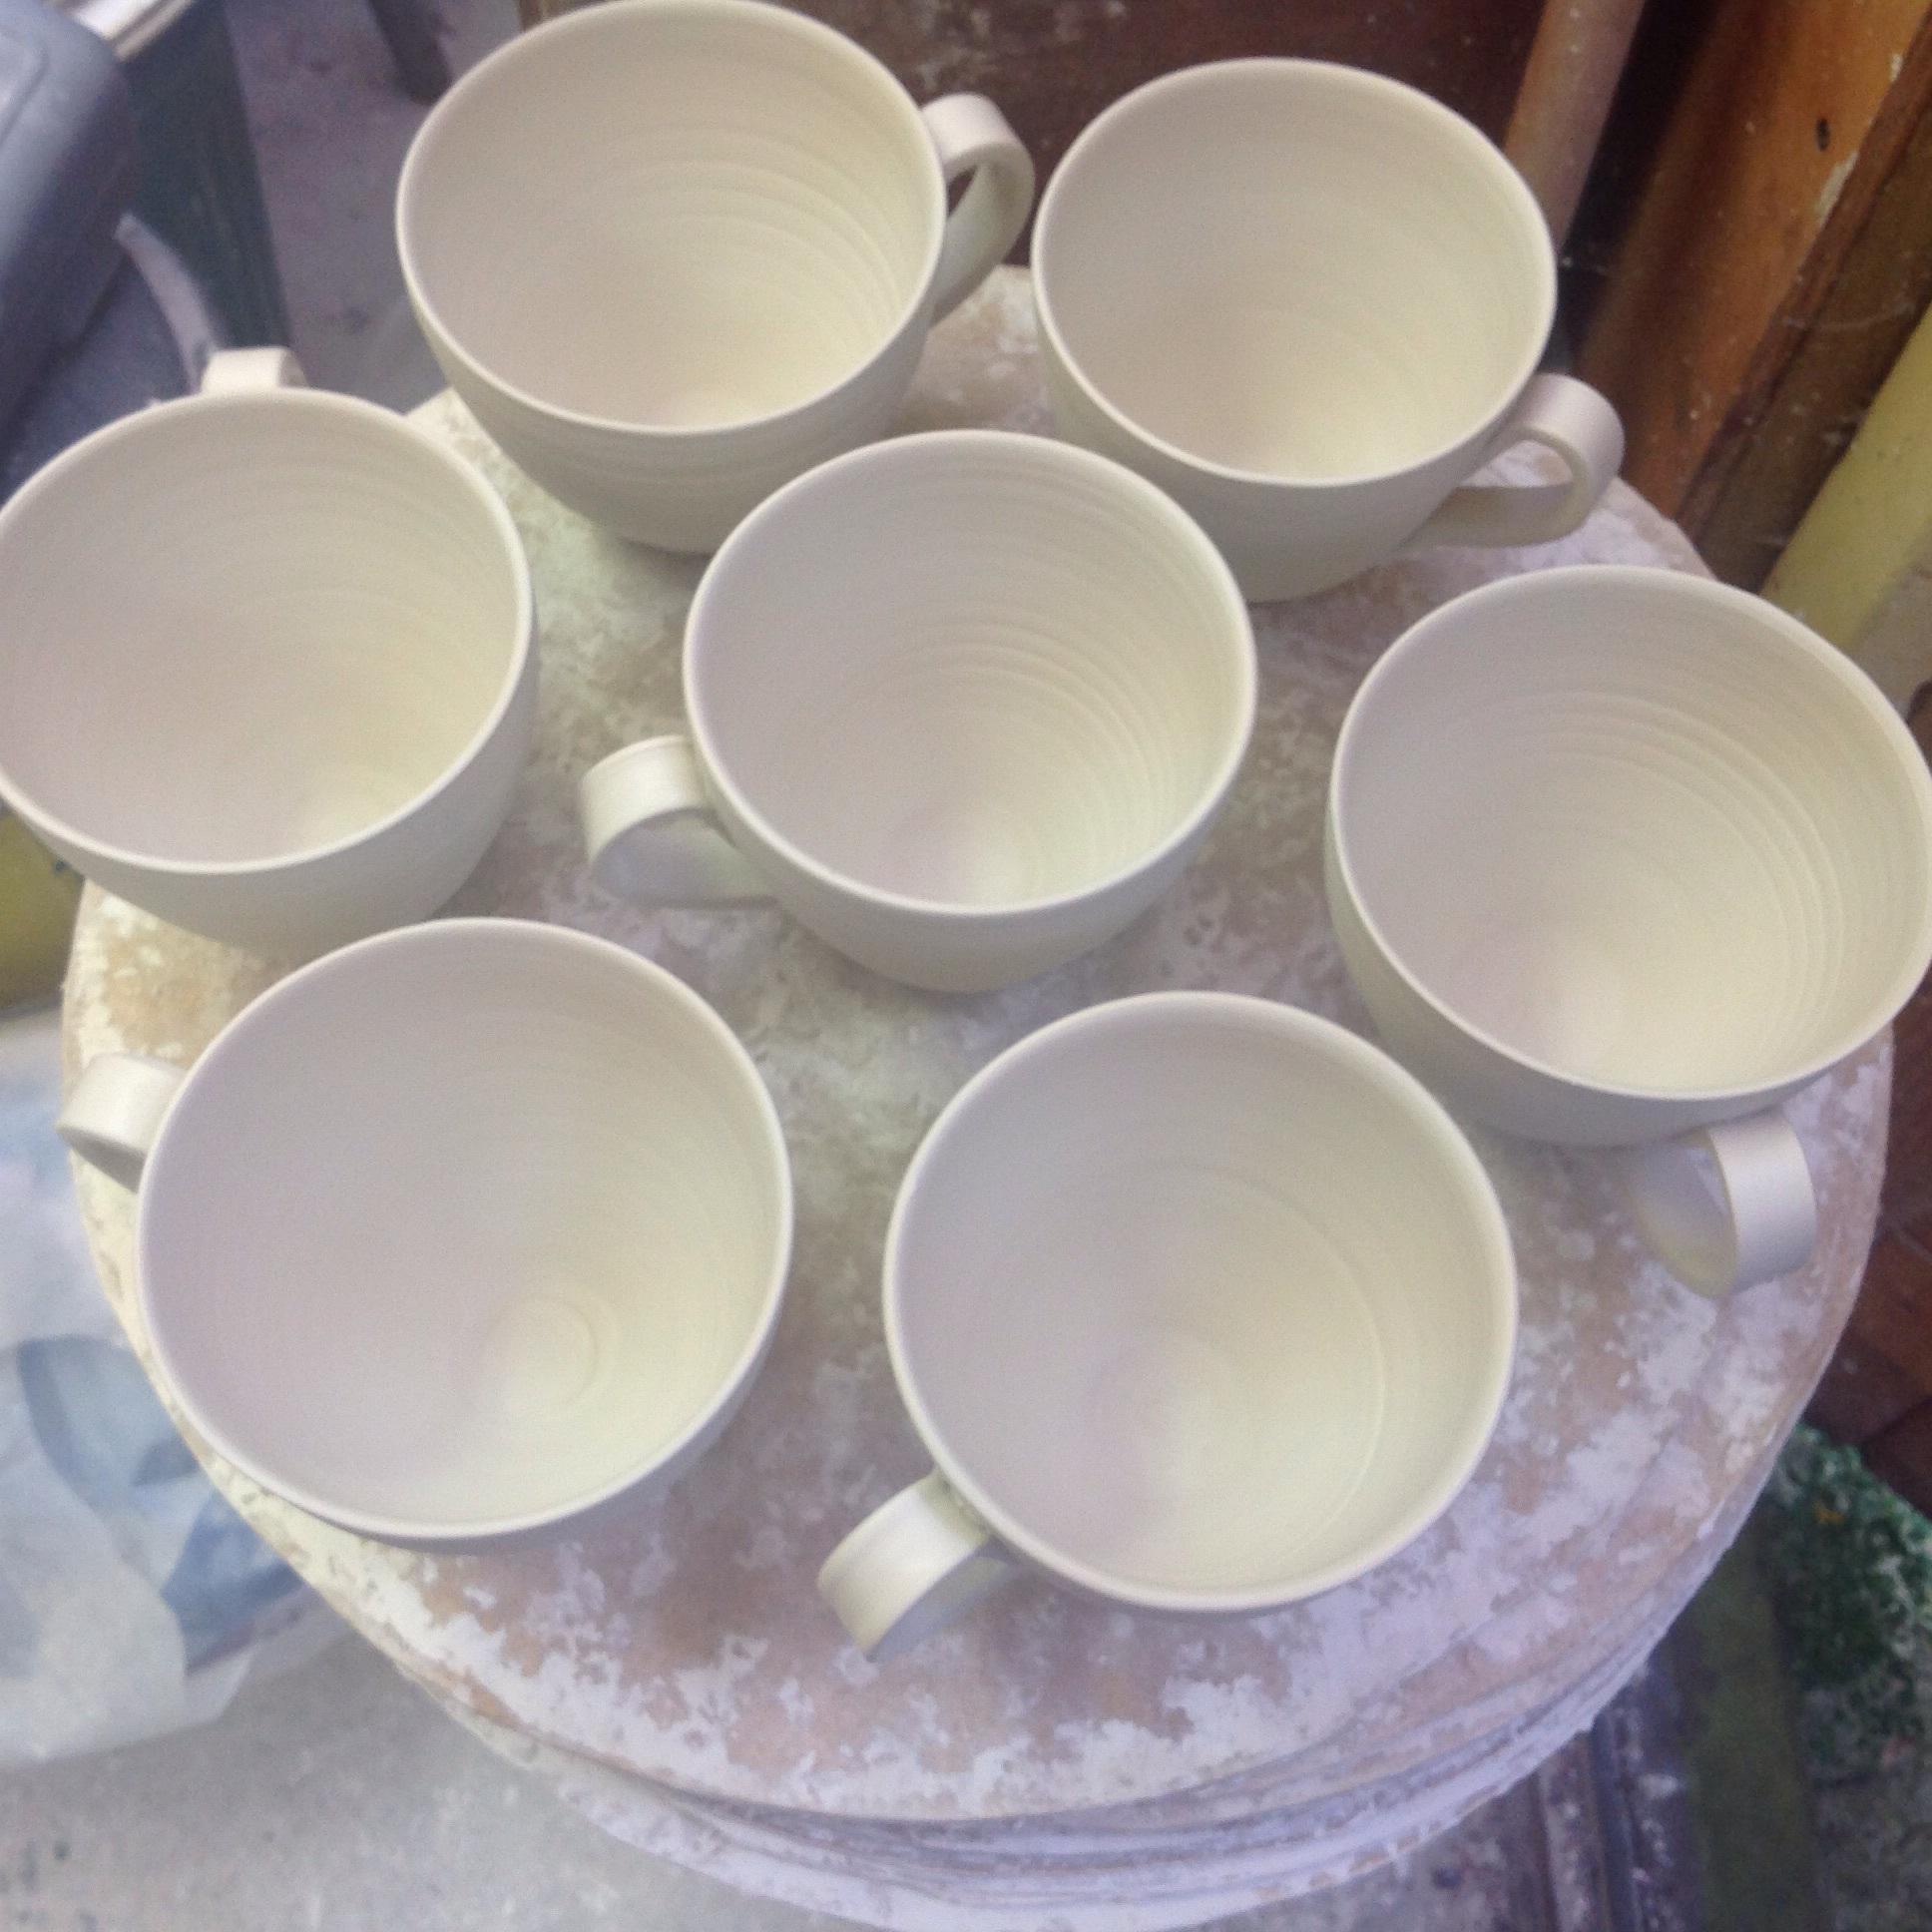 Cups for NotontheHighStreet.com NOTHS